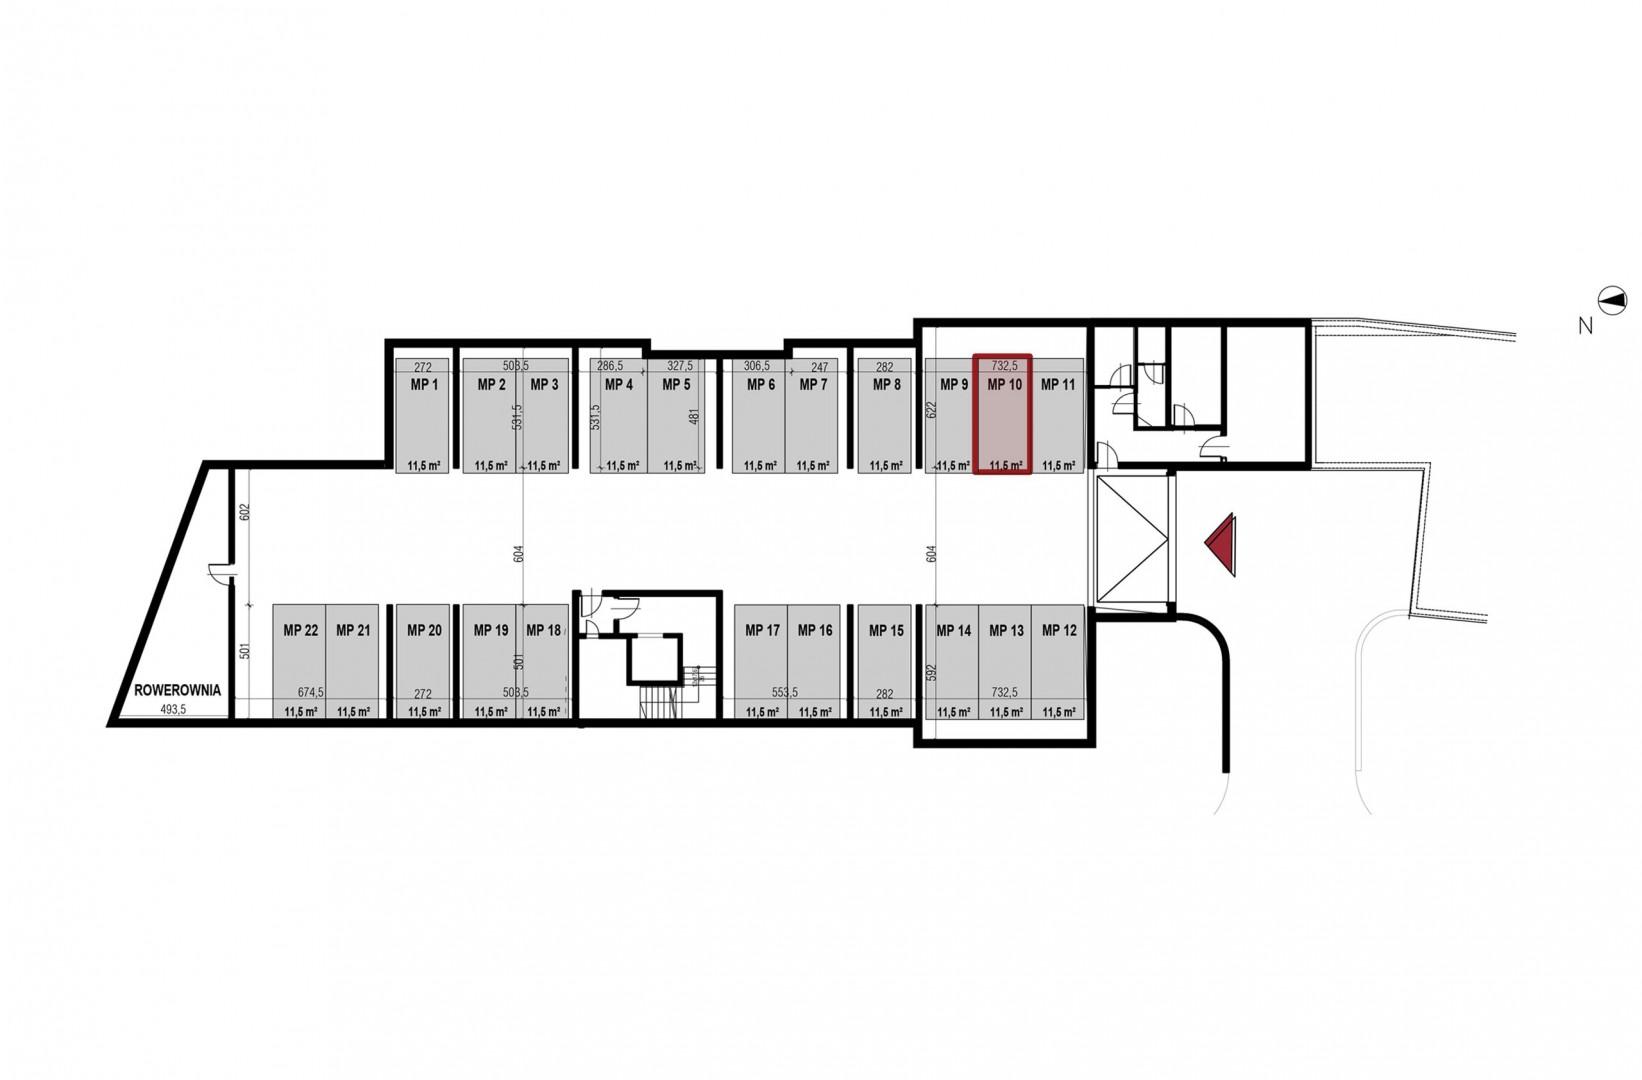 Uroczysko II / budynek 4 / miejsce postojowe 10 rzut 1